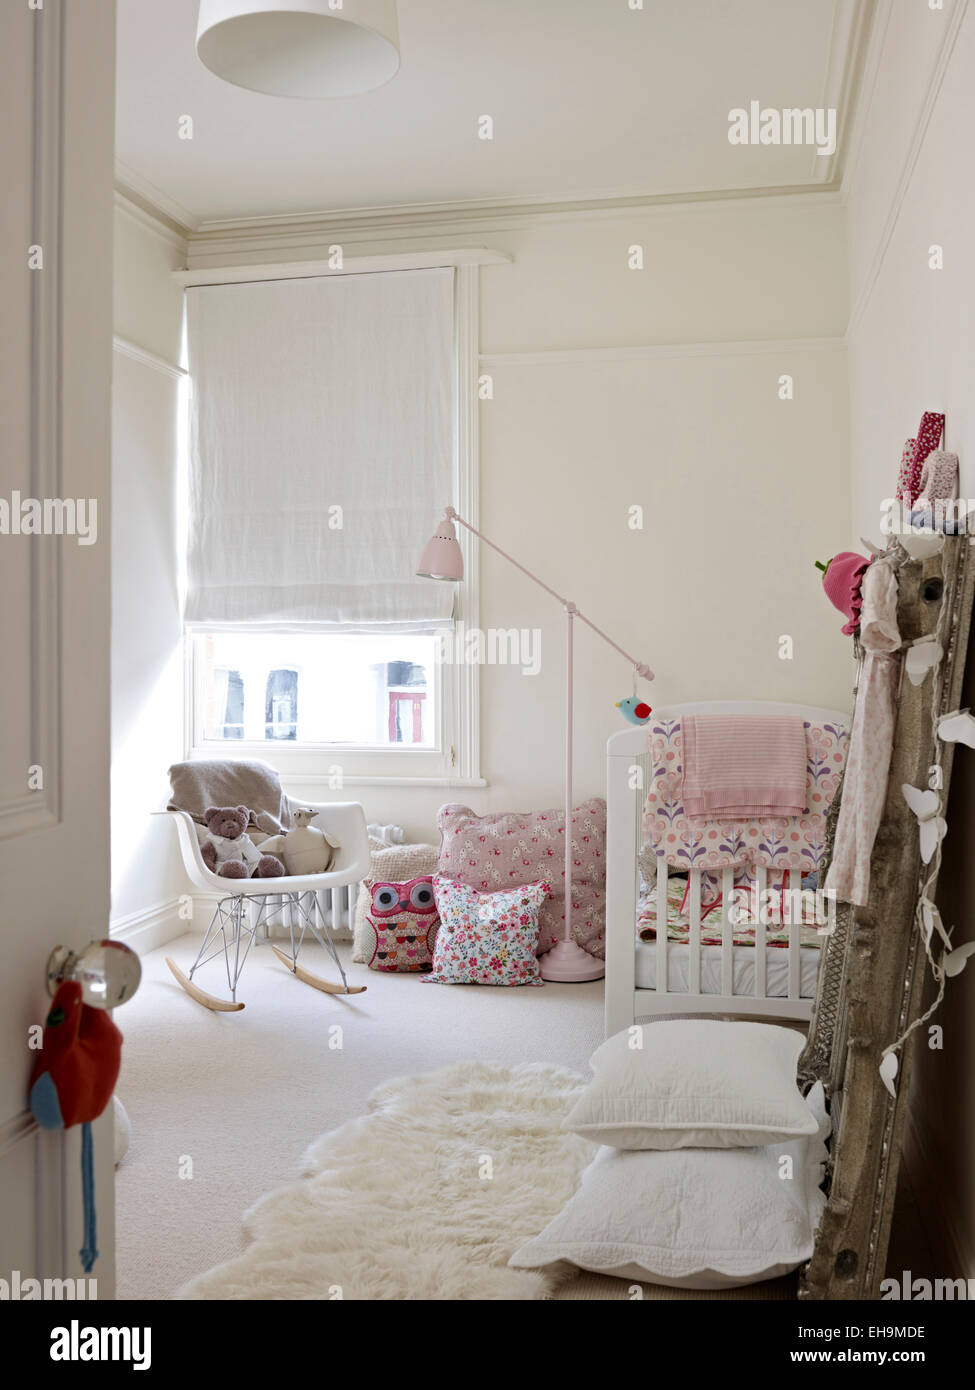 Weißen Kinderzimmer mit Kinderbett, Schaukelstuhl und weiß römische ...